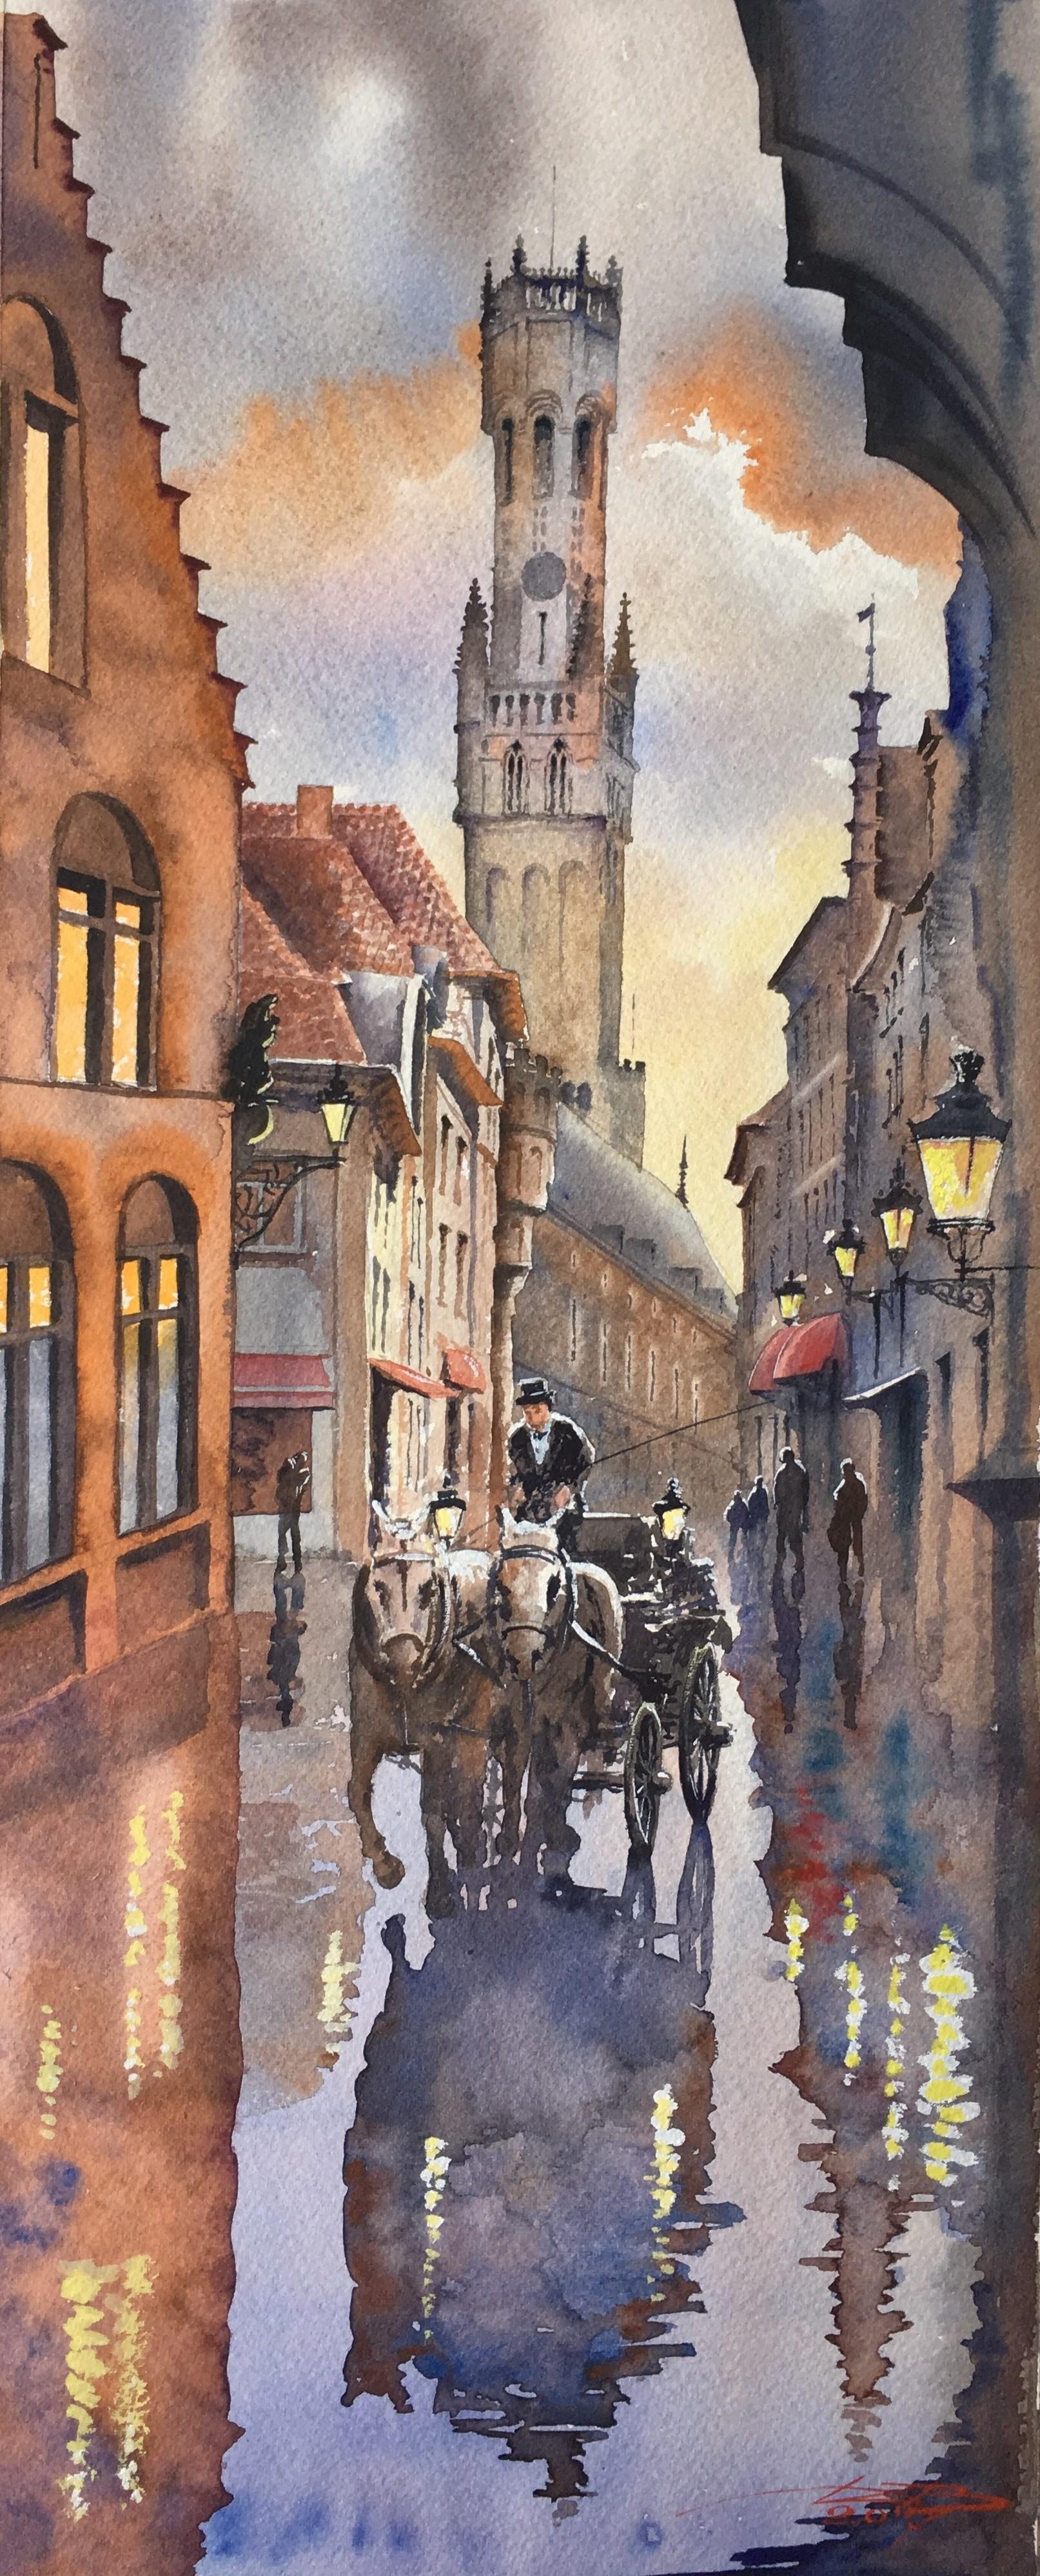 Rainy evening in Brugge